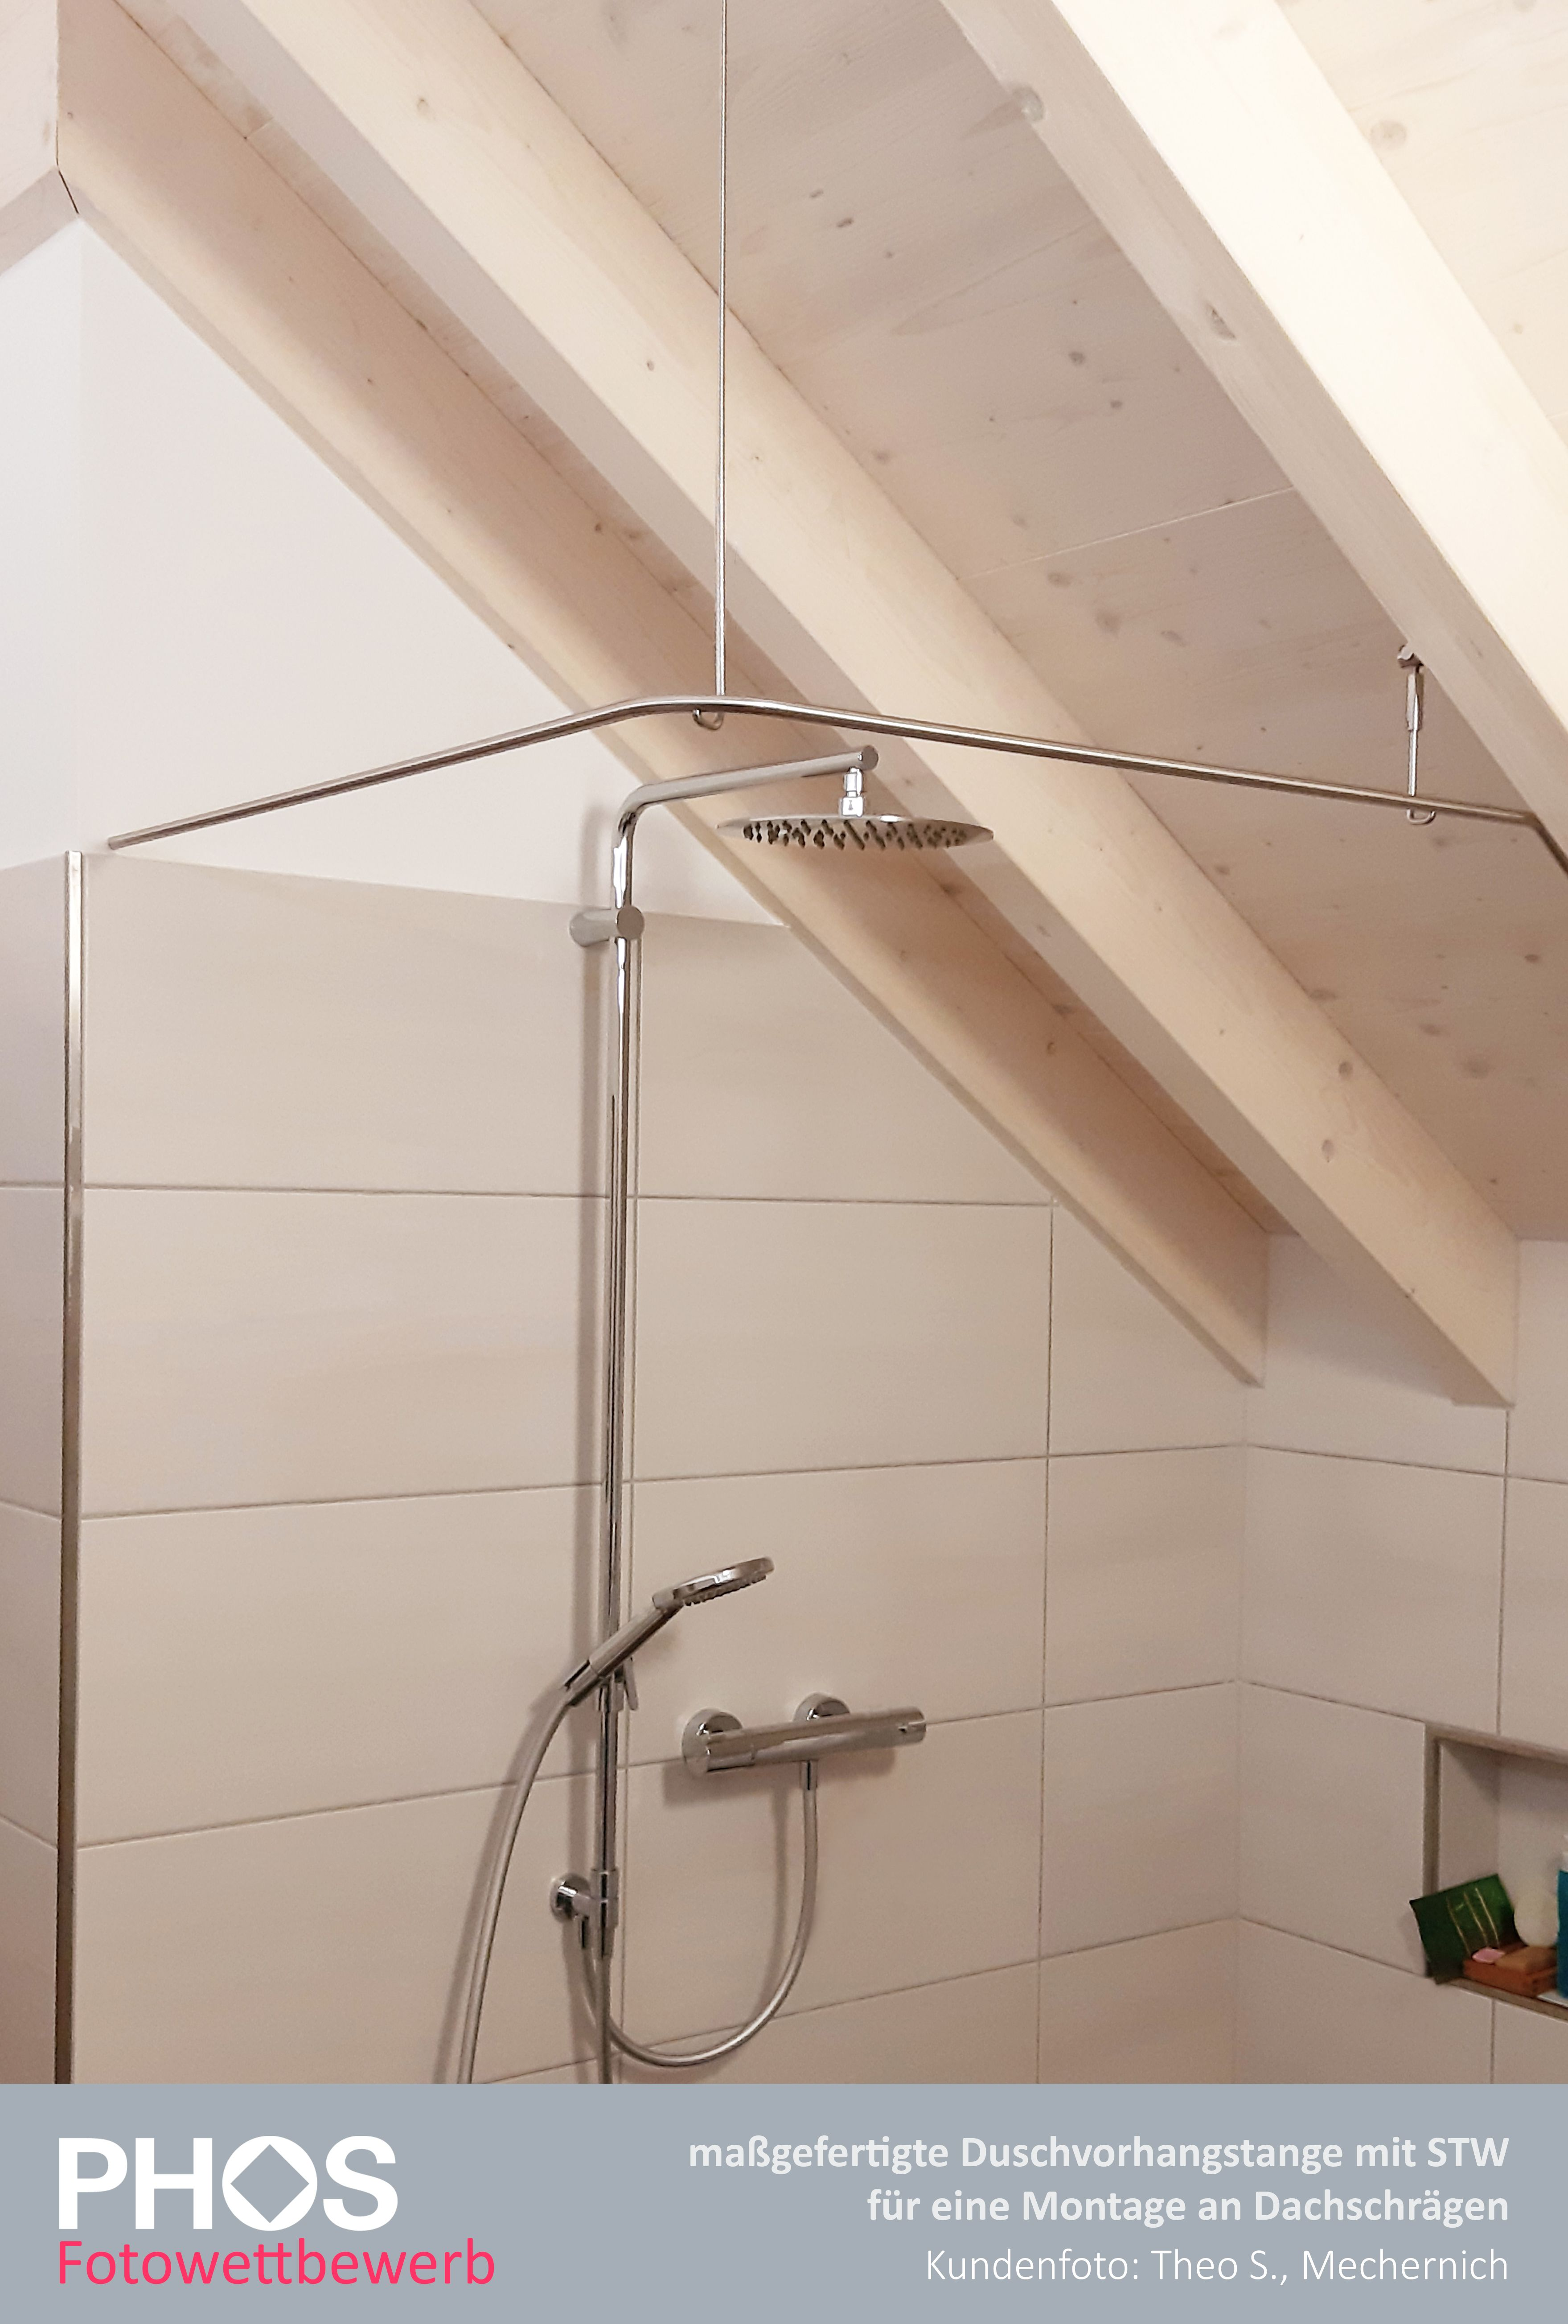 Individuelle Duschvorhangstange An Dachschrage In 2020 Duschvorhangstange Dusche Vorhange